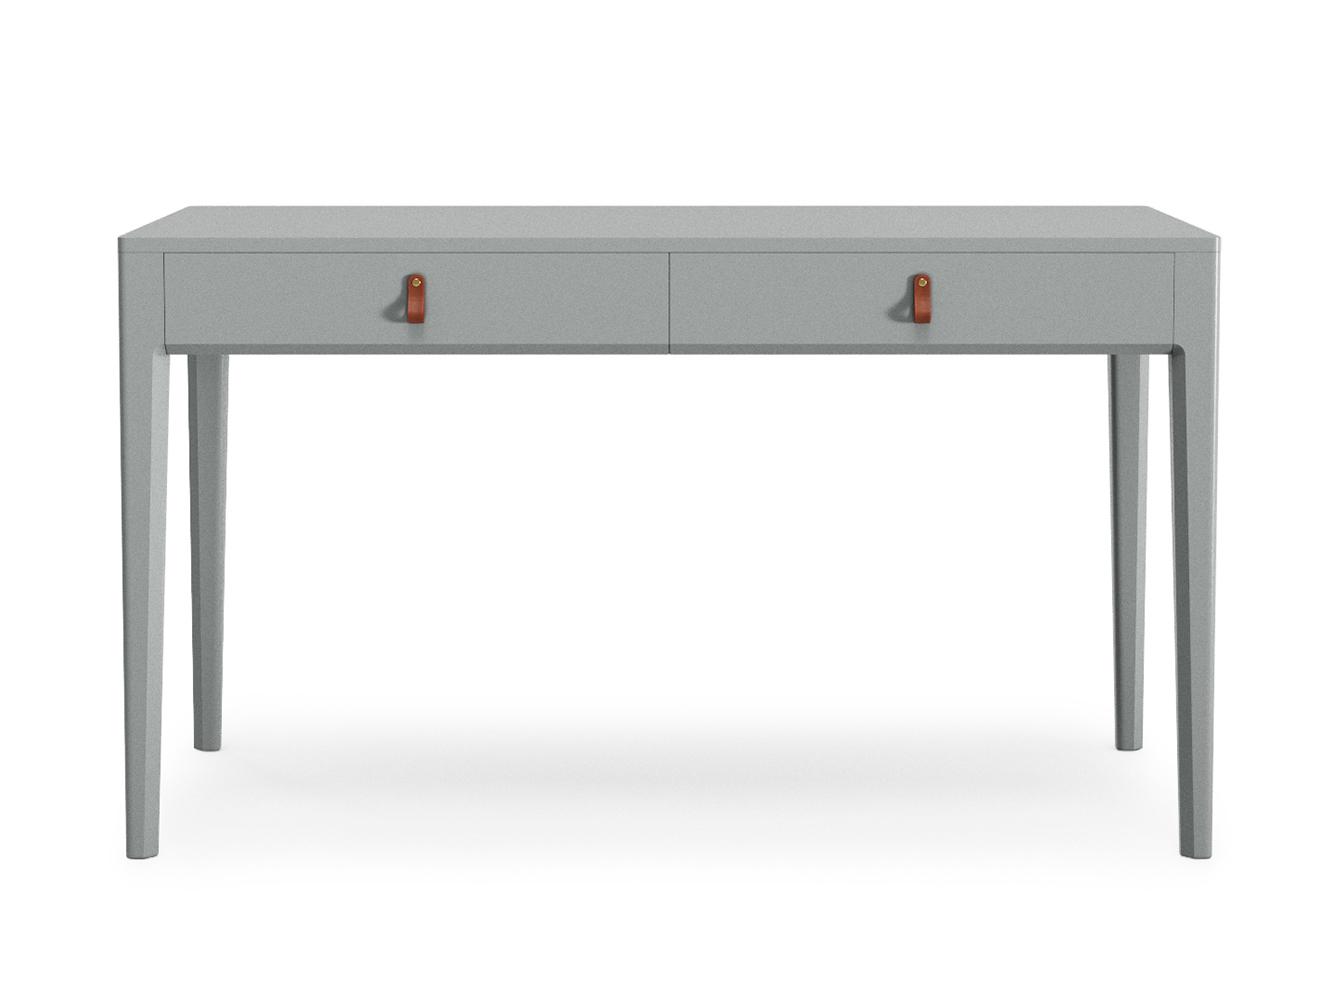 Рабочий стол CASEПисьменные столы<br>Рабочий стол с оптимальными габаритами для домашнего кабинета. Два вместительных ящика организуют дела и канцелярию, а фирменные кожаные ручки The IDEA добавят домашнего уюта.<br><br>Material: Дерево<br>Length см: None<br>Width см: 140<br>Depth см: 70<br>Height см: 76<br>Diameter см: None